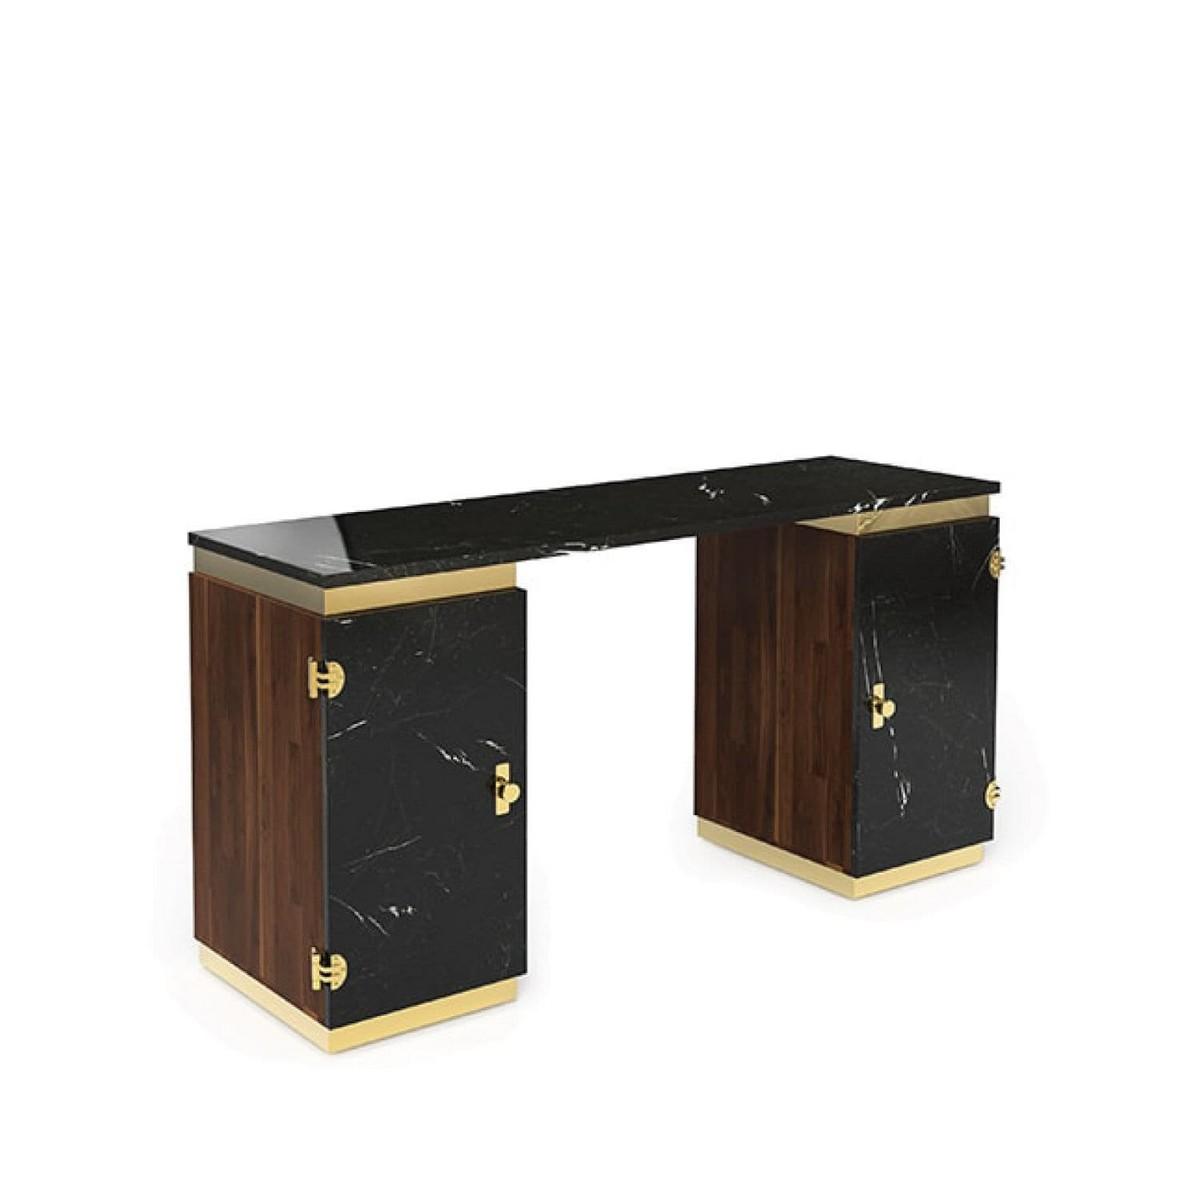 Top Bespoke Luxury Desks luxury desks Top Bespoke Luxury Desks wwwwwwwwww